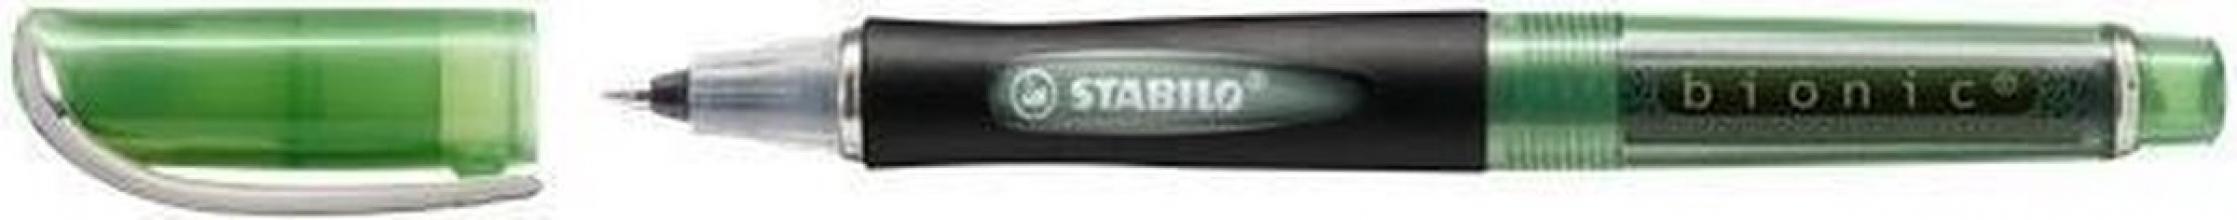 , Rollerpen STABILO Bionic groen